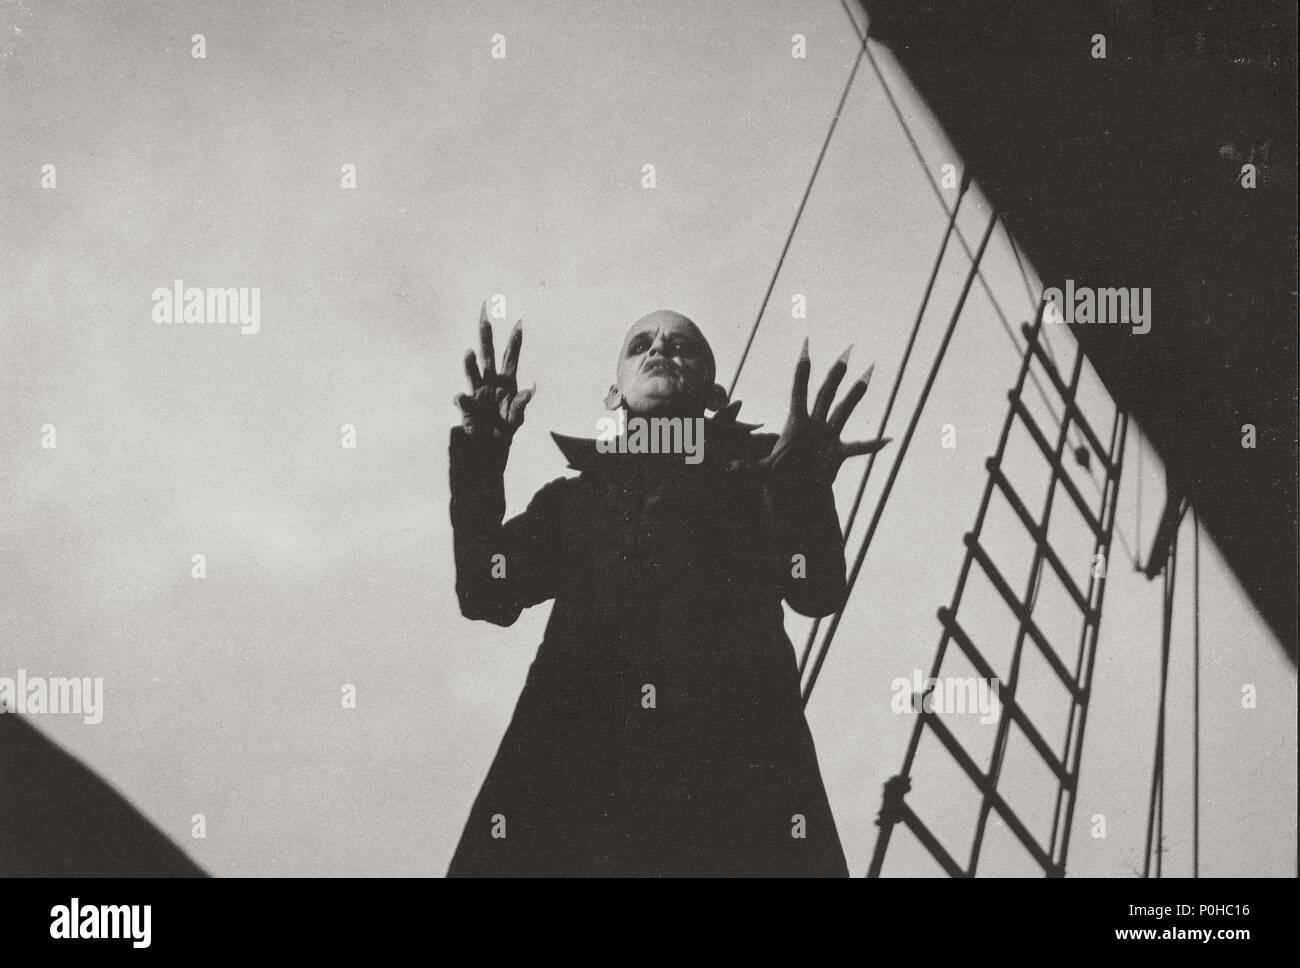 Original Film Title: NOSFERATU: PHANTOM DER NACHT.  English Title: NOSFERATU THE VAMPYRE.  Film Director: WERNER HERZOG.  Year: 1979.  Stars: KLAUS KINSKI. Credit: WERNER HERZOG FILMPRODUKTION / Album Stock Photo